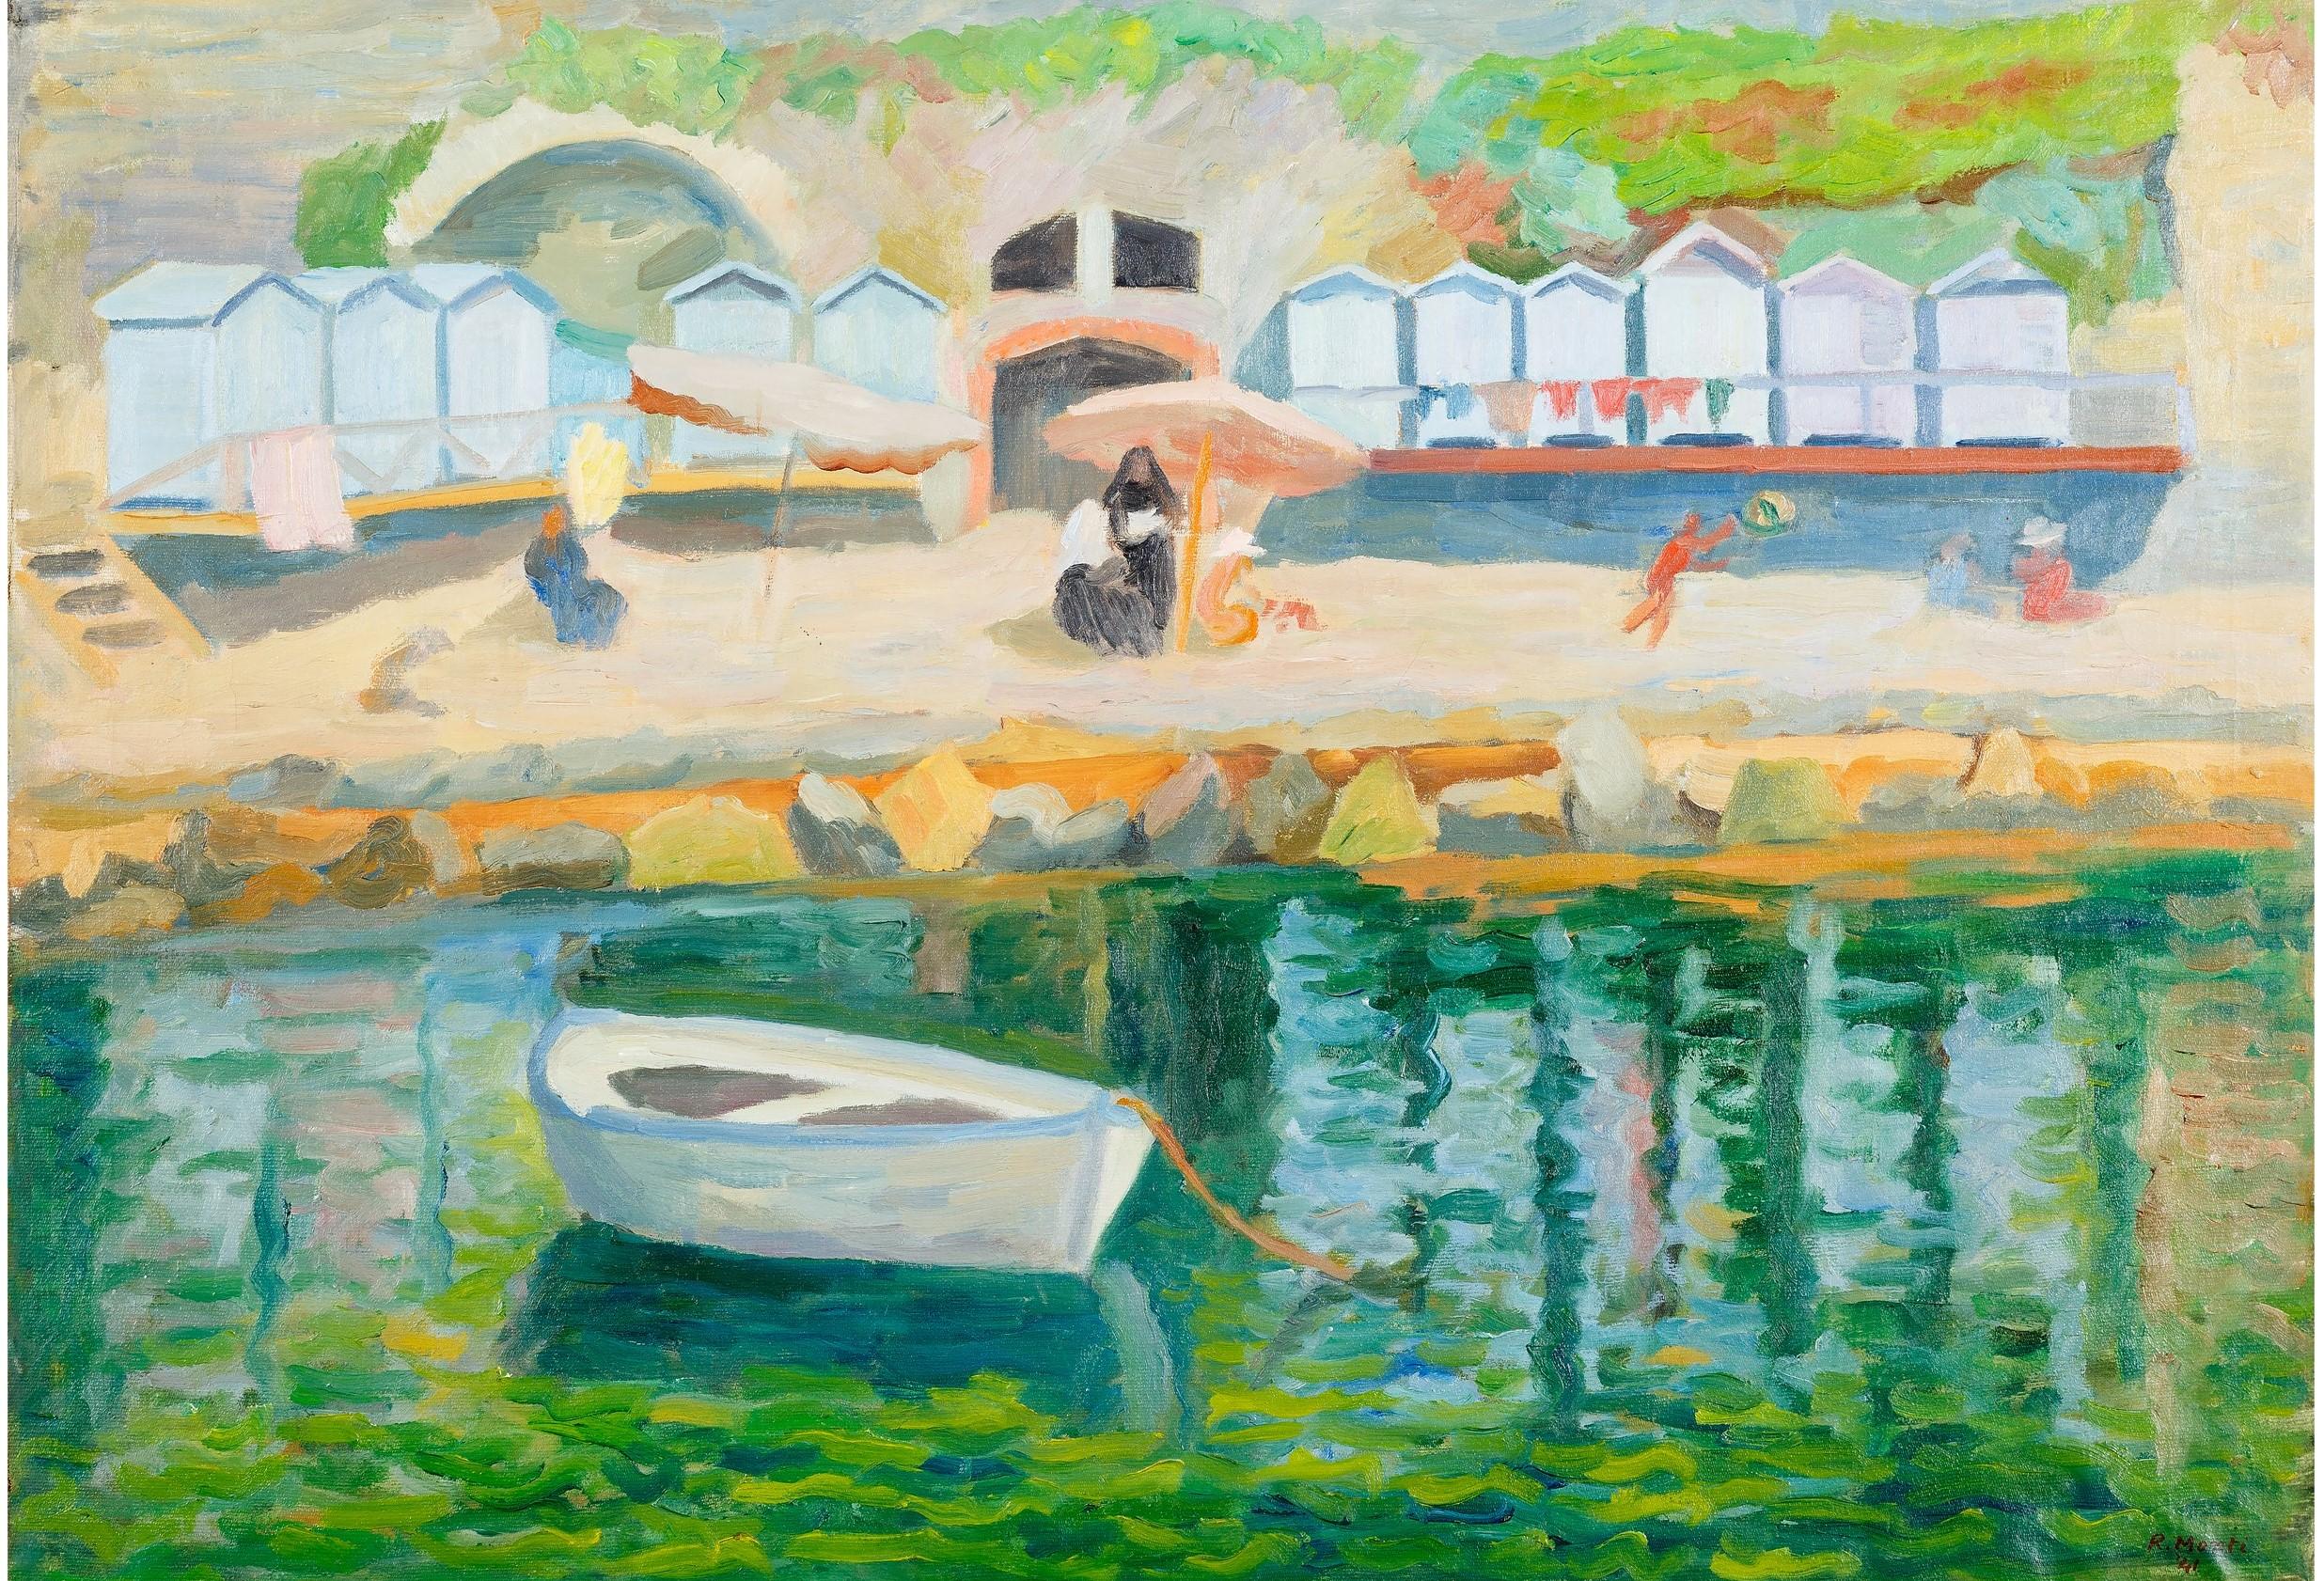 Dieci opere di Rolando Monti donate a Cortona, in mostra al MAEC